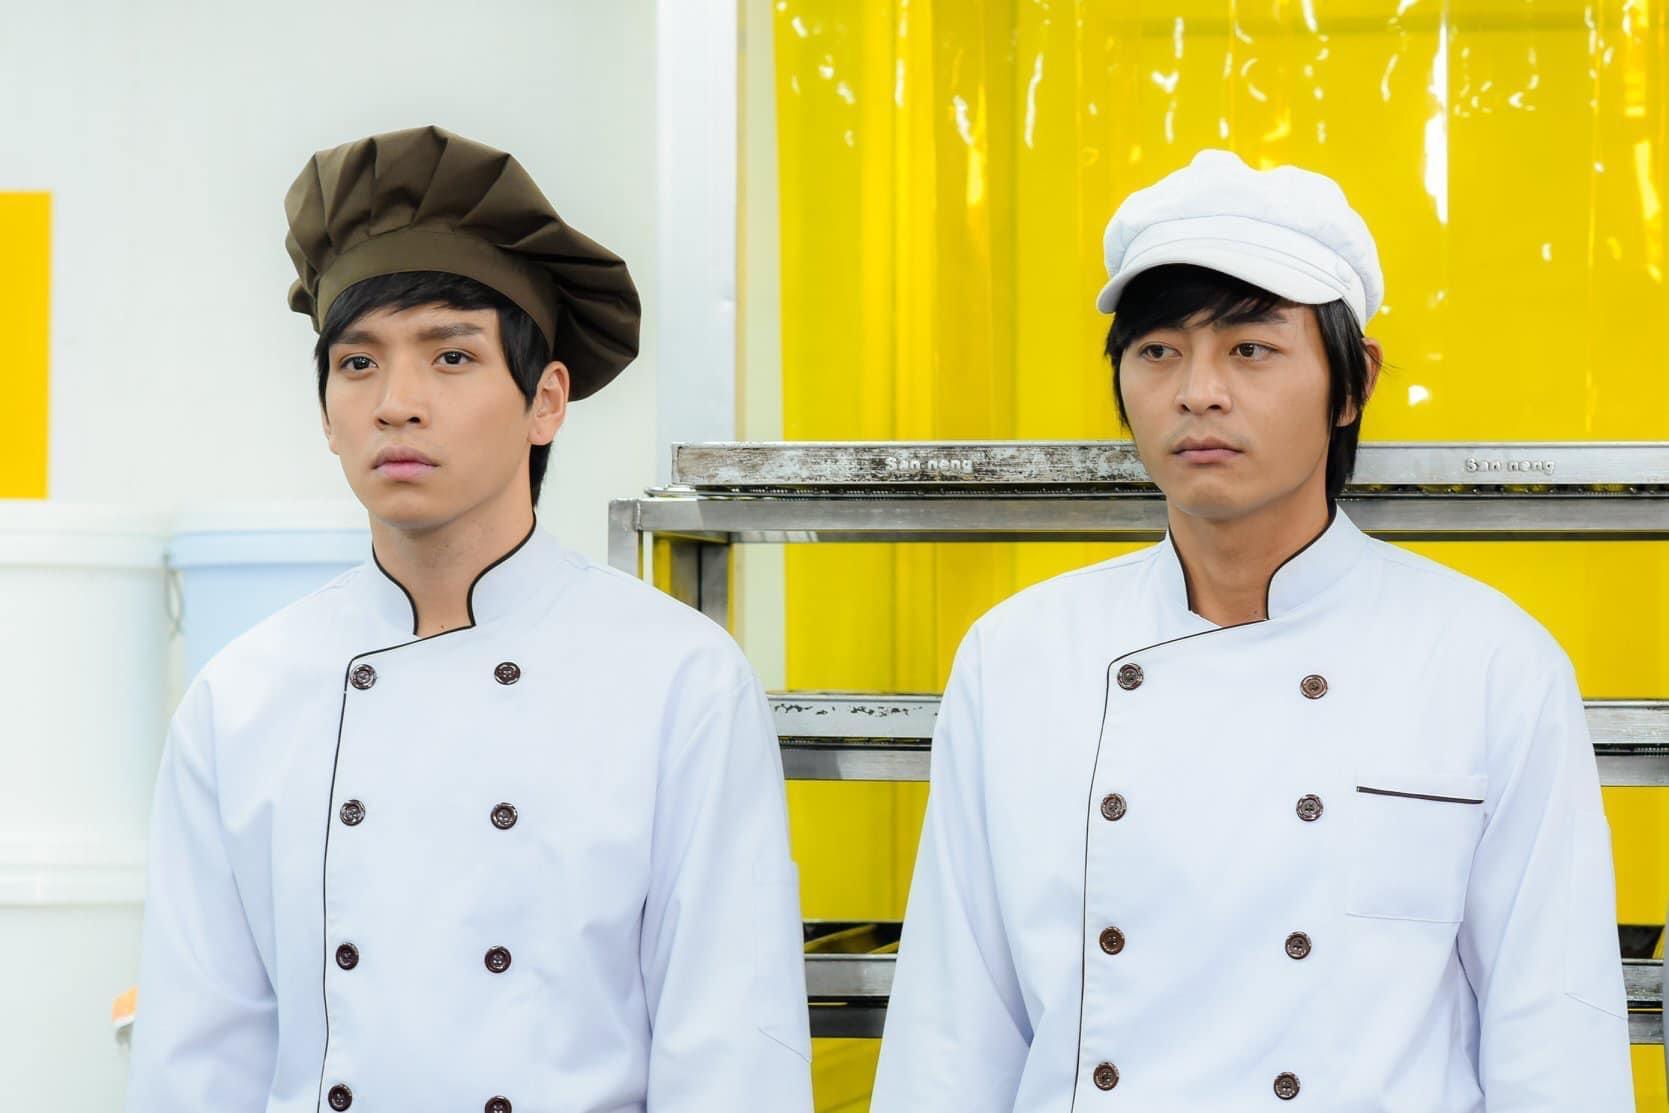 """Từ """"Tiếng sét trong mưa"""", Quốc Huy và Bạch Công Khanh trở thành đối thủ trong """"Vua bánh mì"""" VN - 1"""